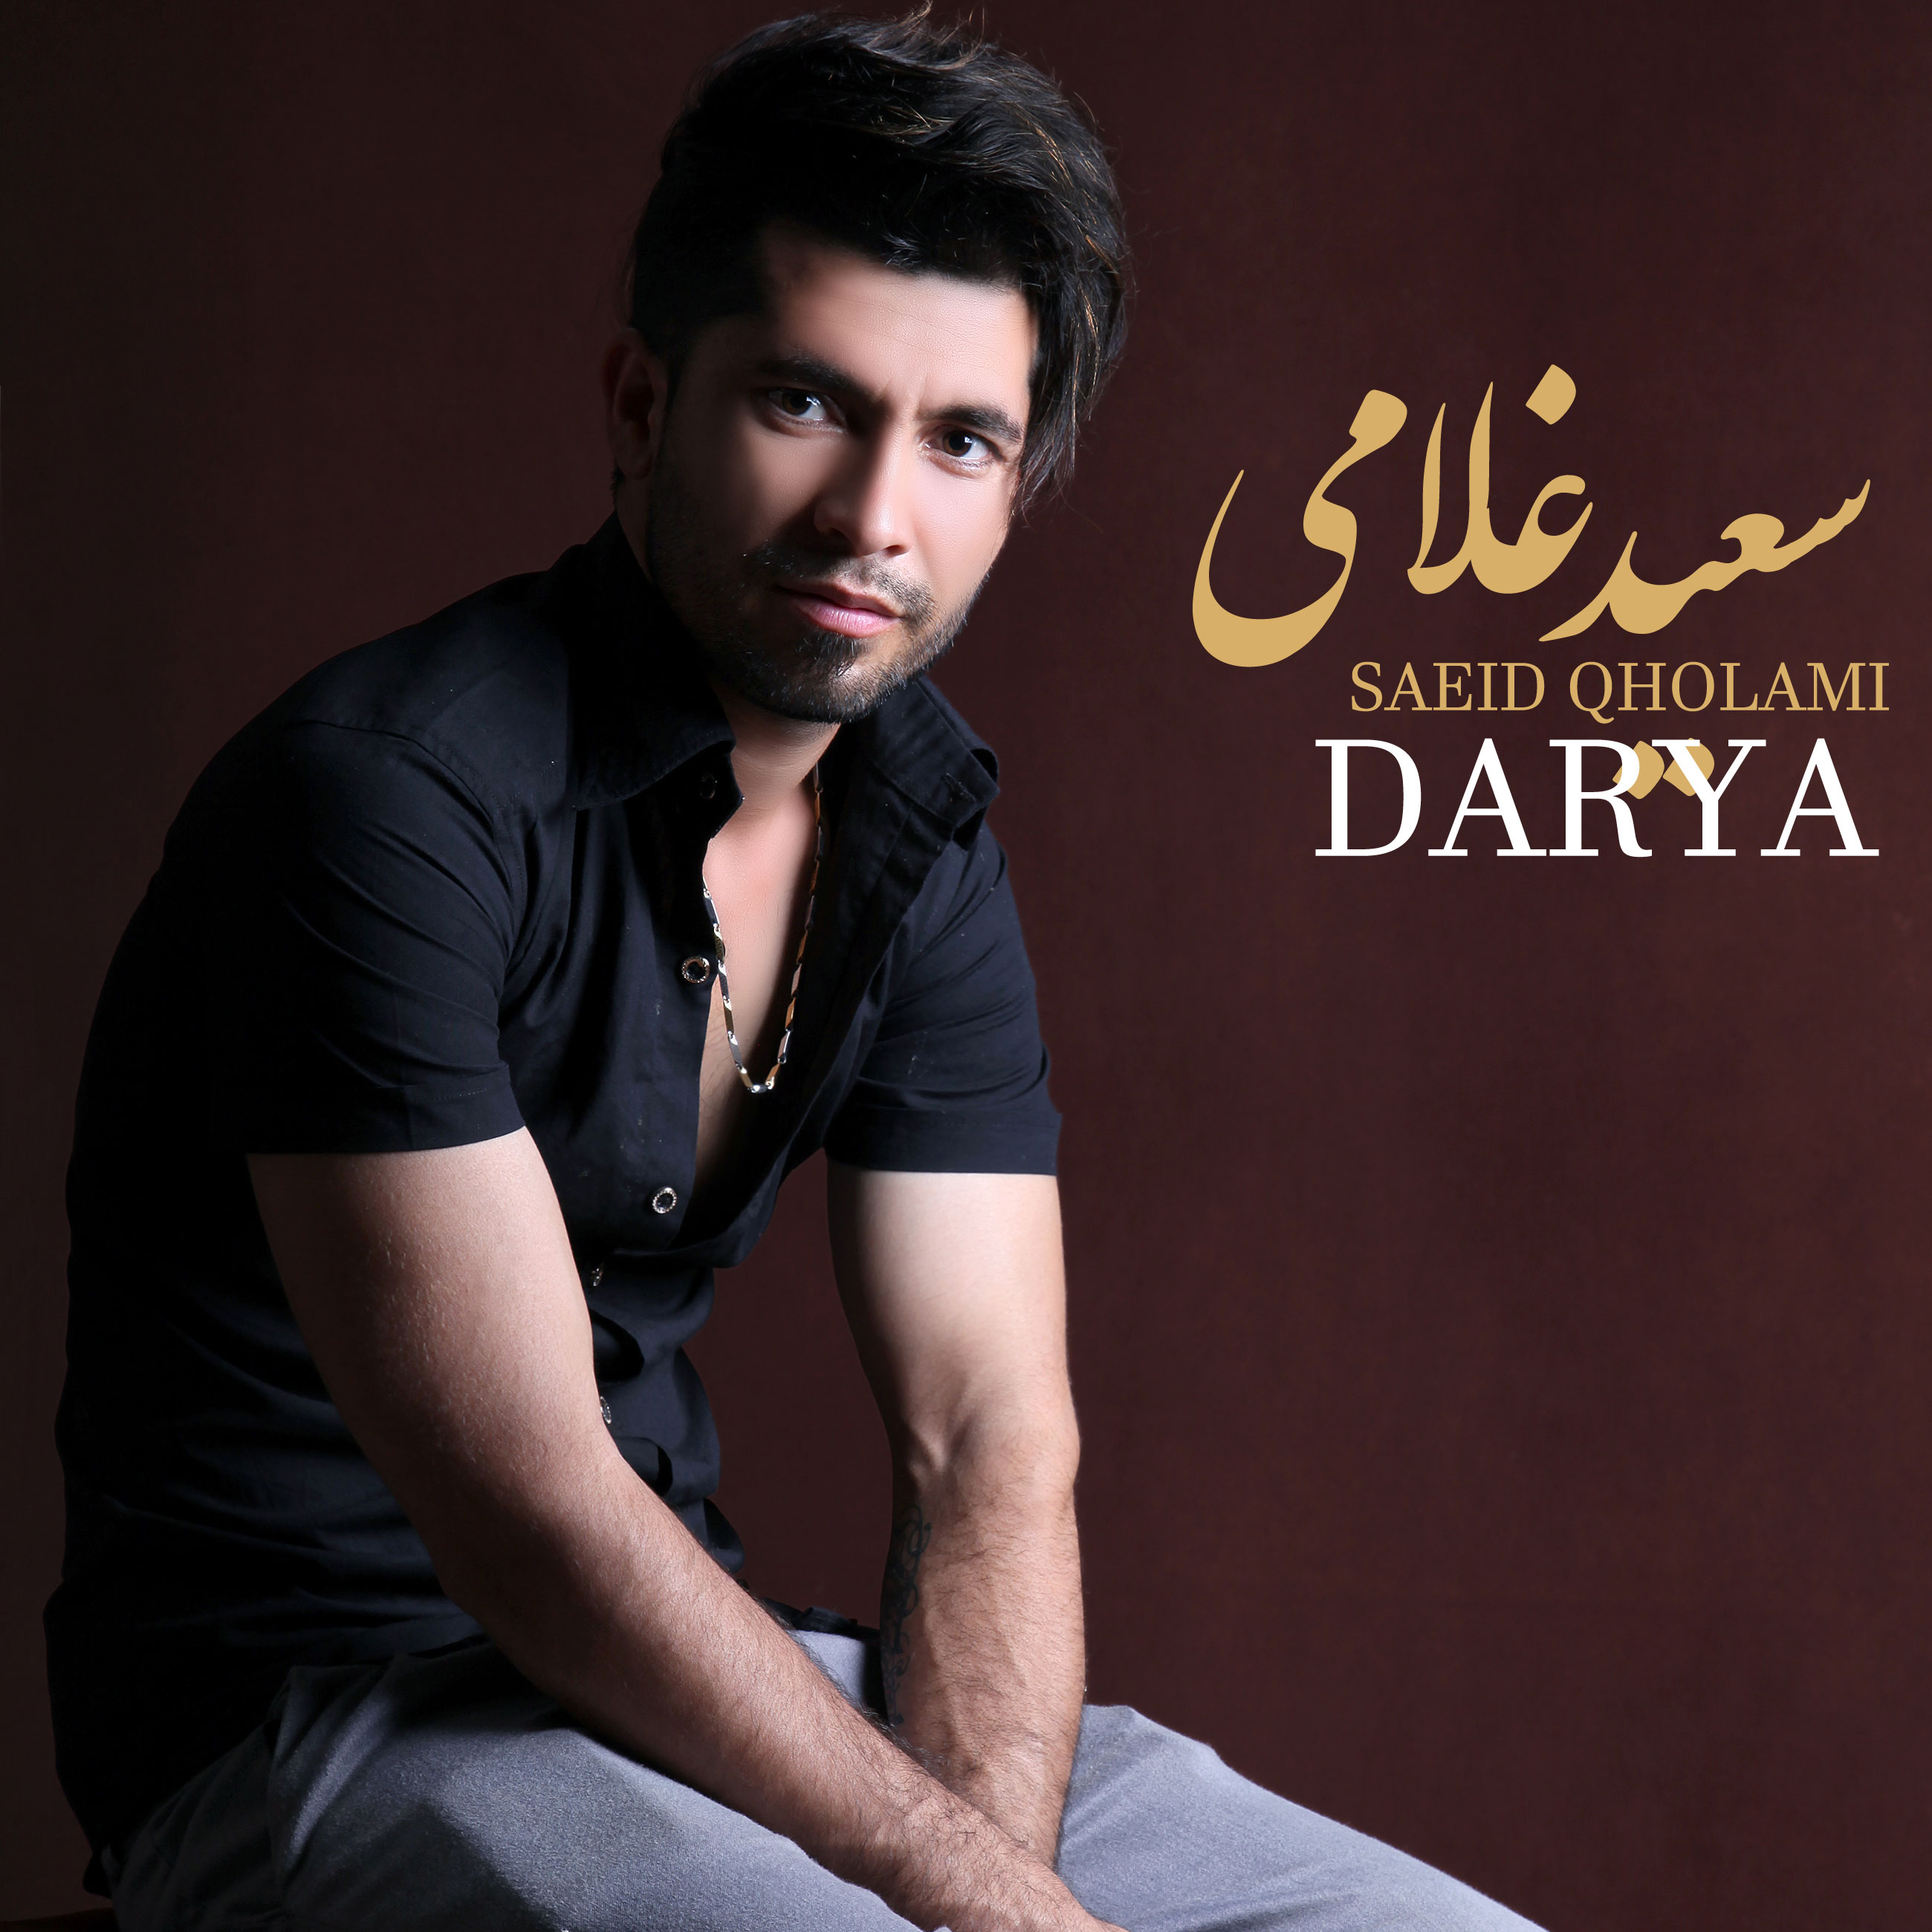 Saeid Qholami – Darya